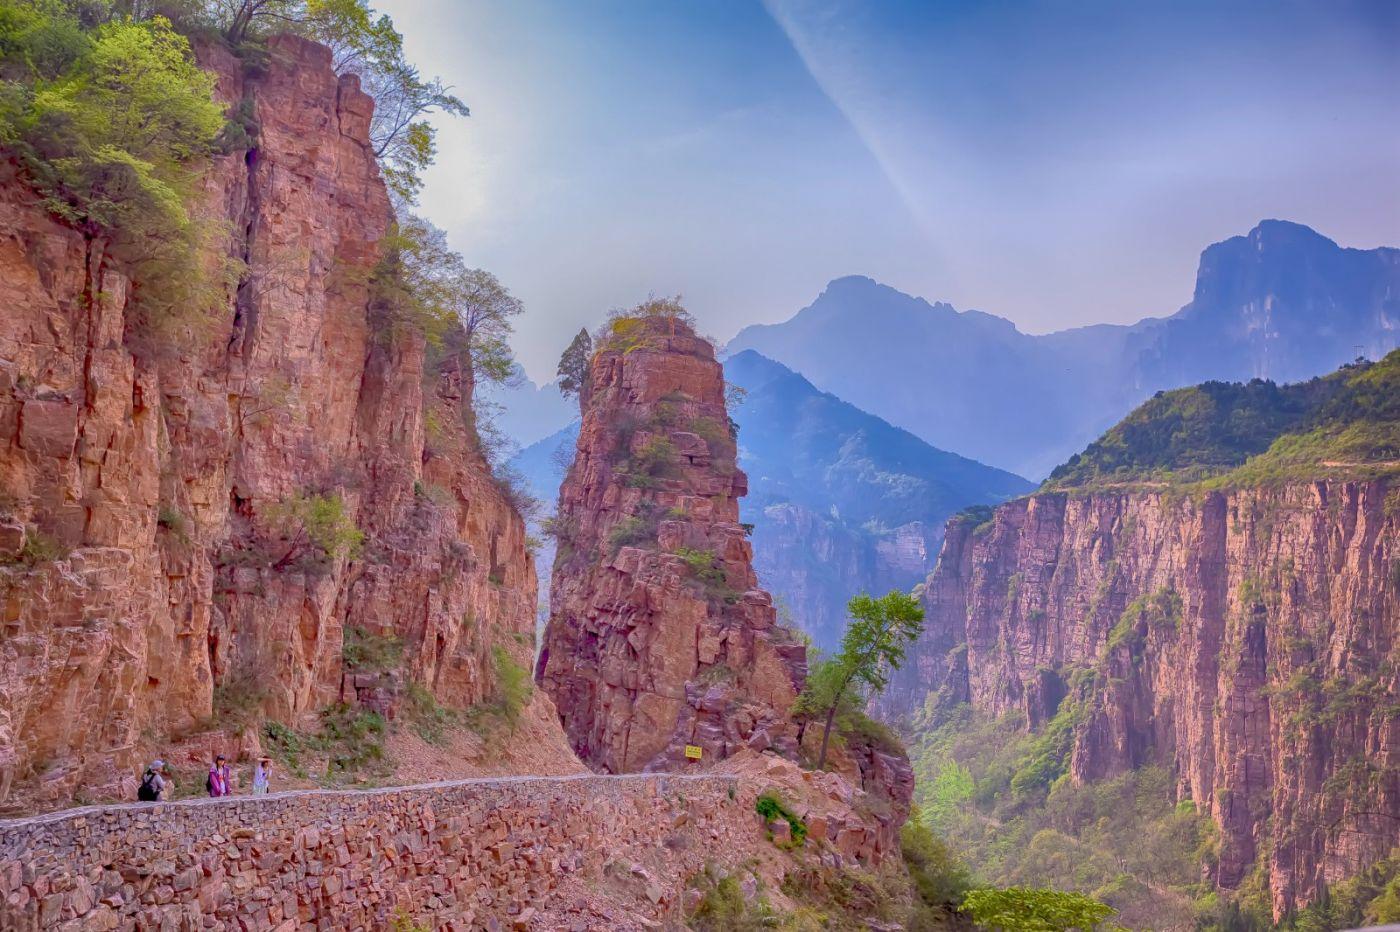 崖壁上的古村落 郭亮村 绝处也有风景_图1-26